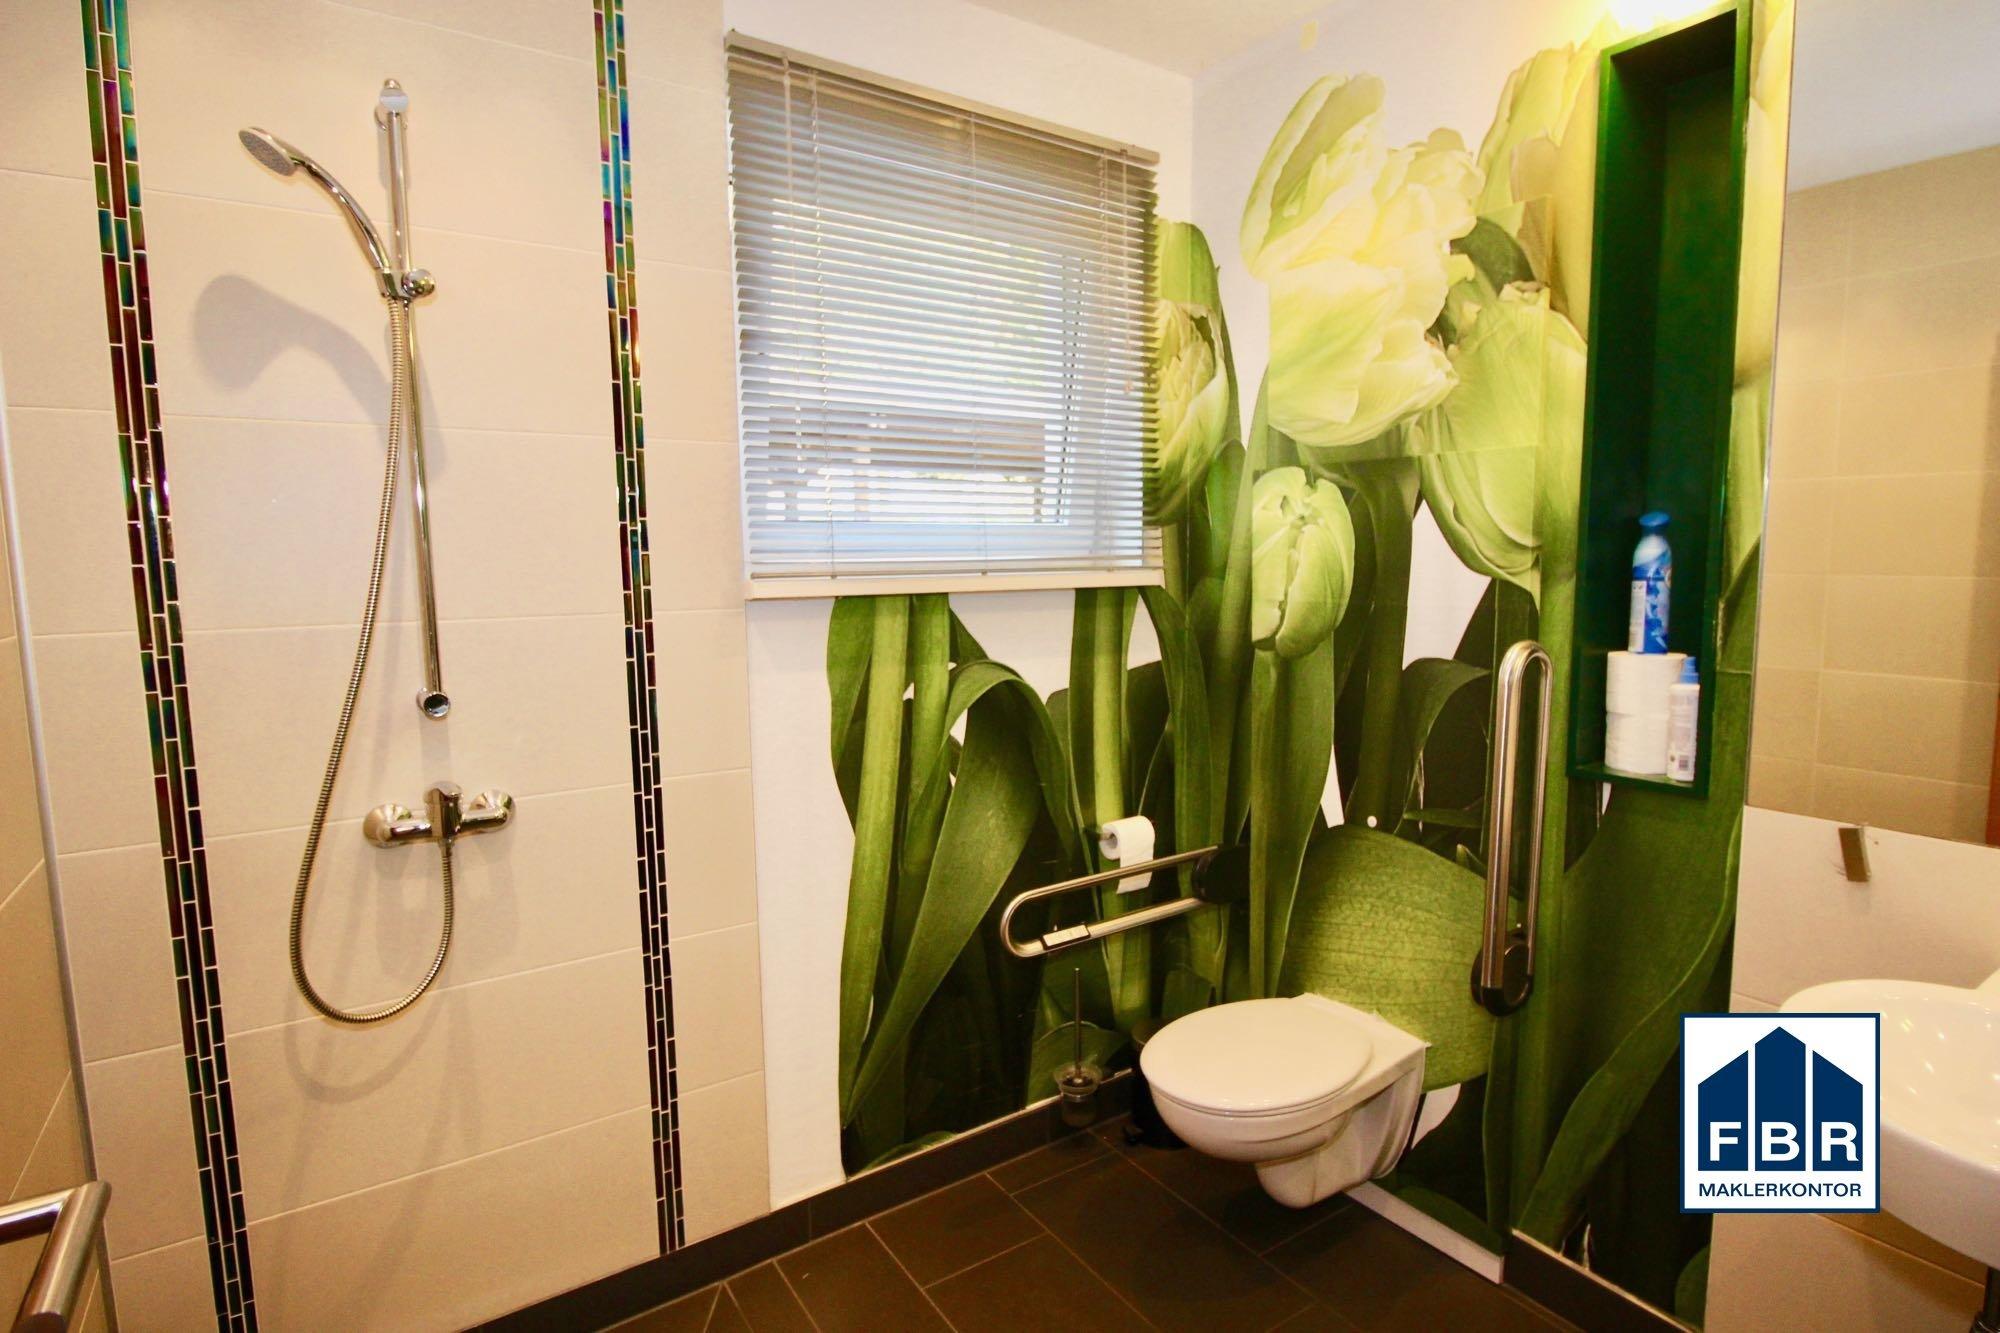 behindertenfreundliches Dusch-WC